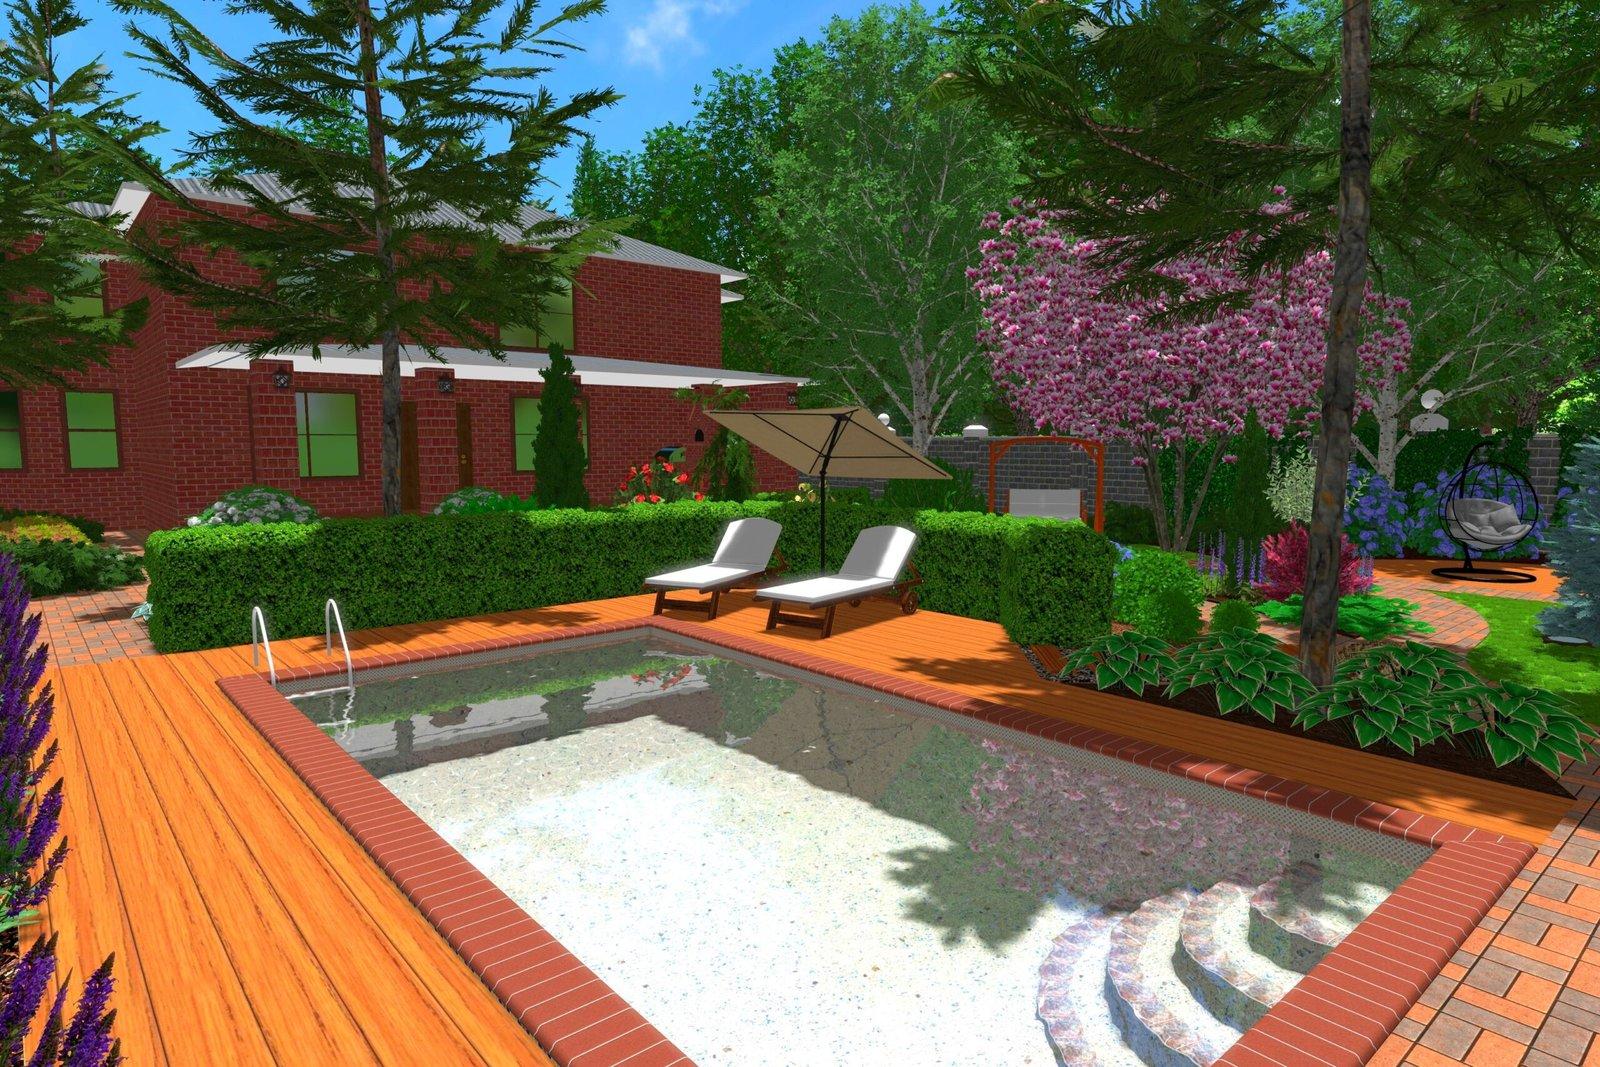 Ландшафтный дизайн загородного дома, Загородный участок, пожелания заказчика в ландшафтном дизайне